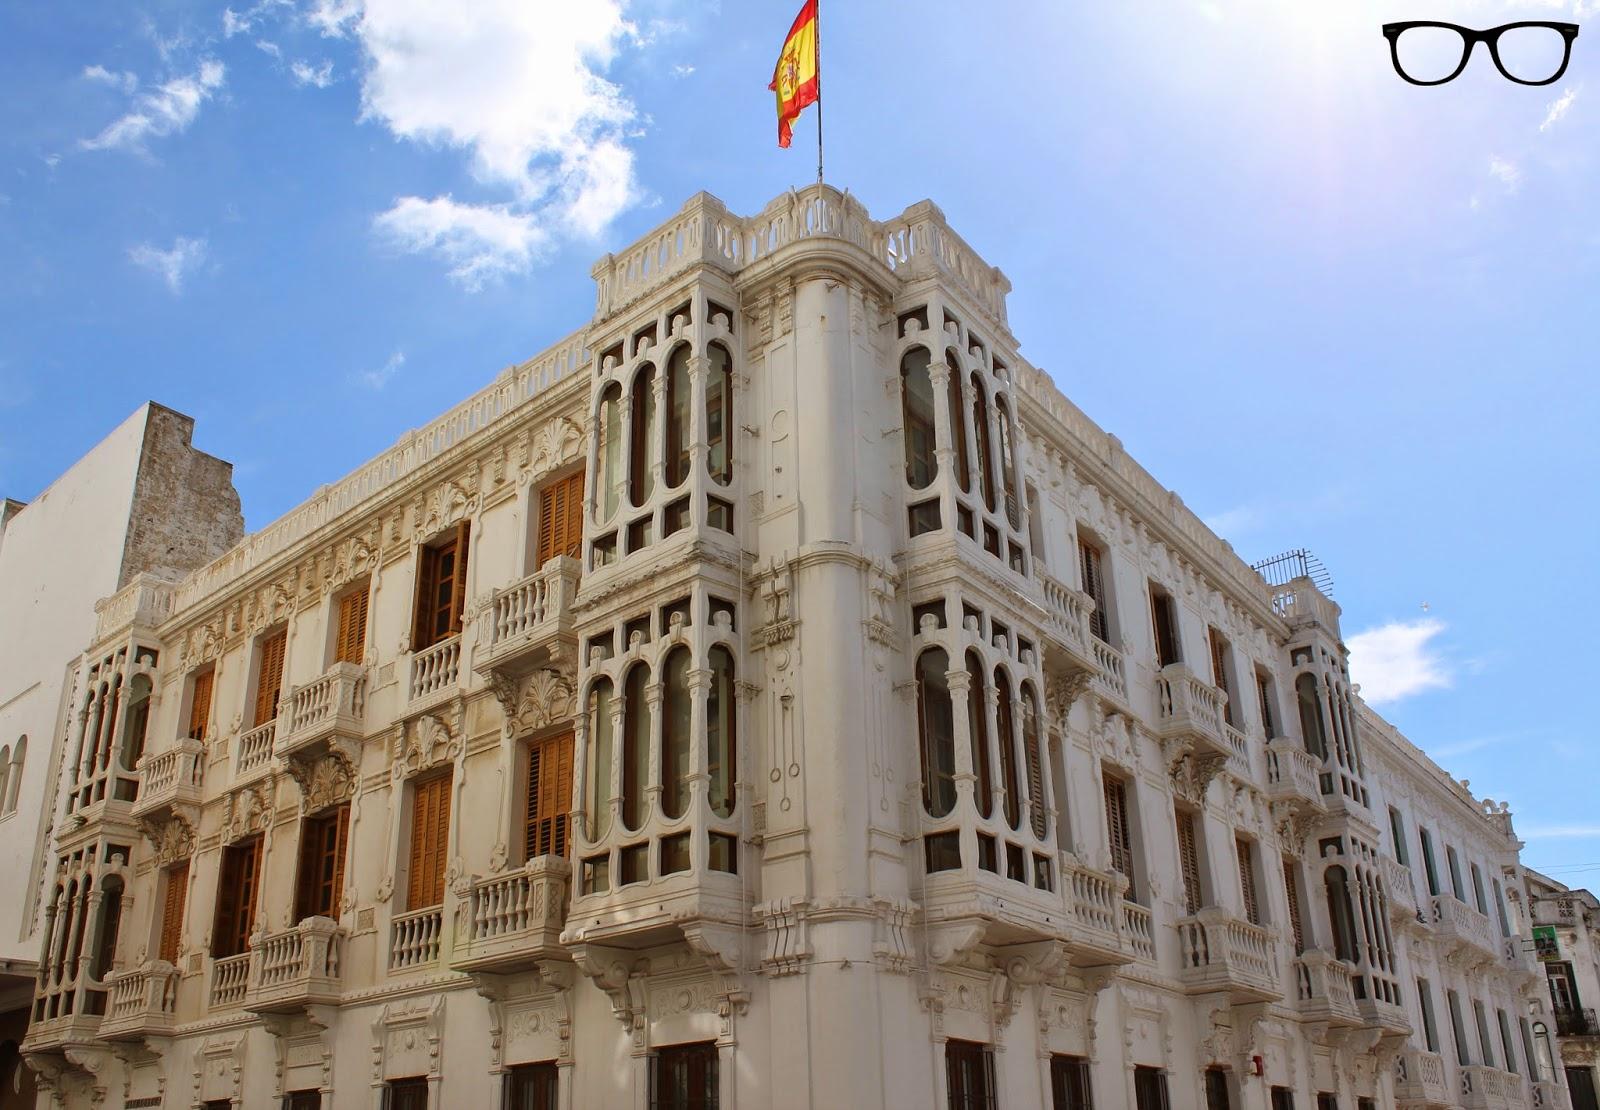 Edificio con bandera de España